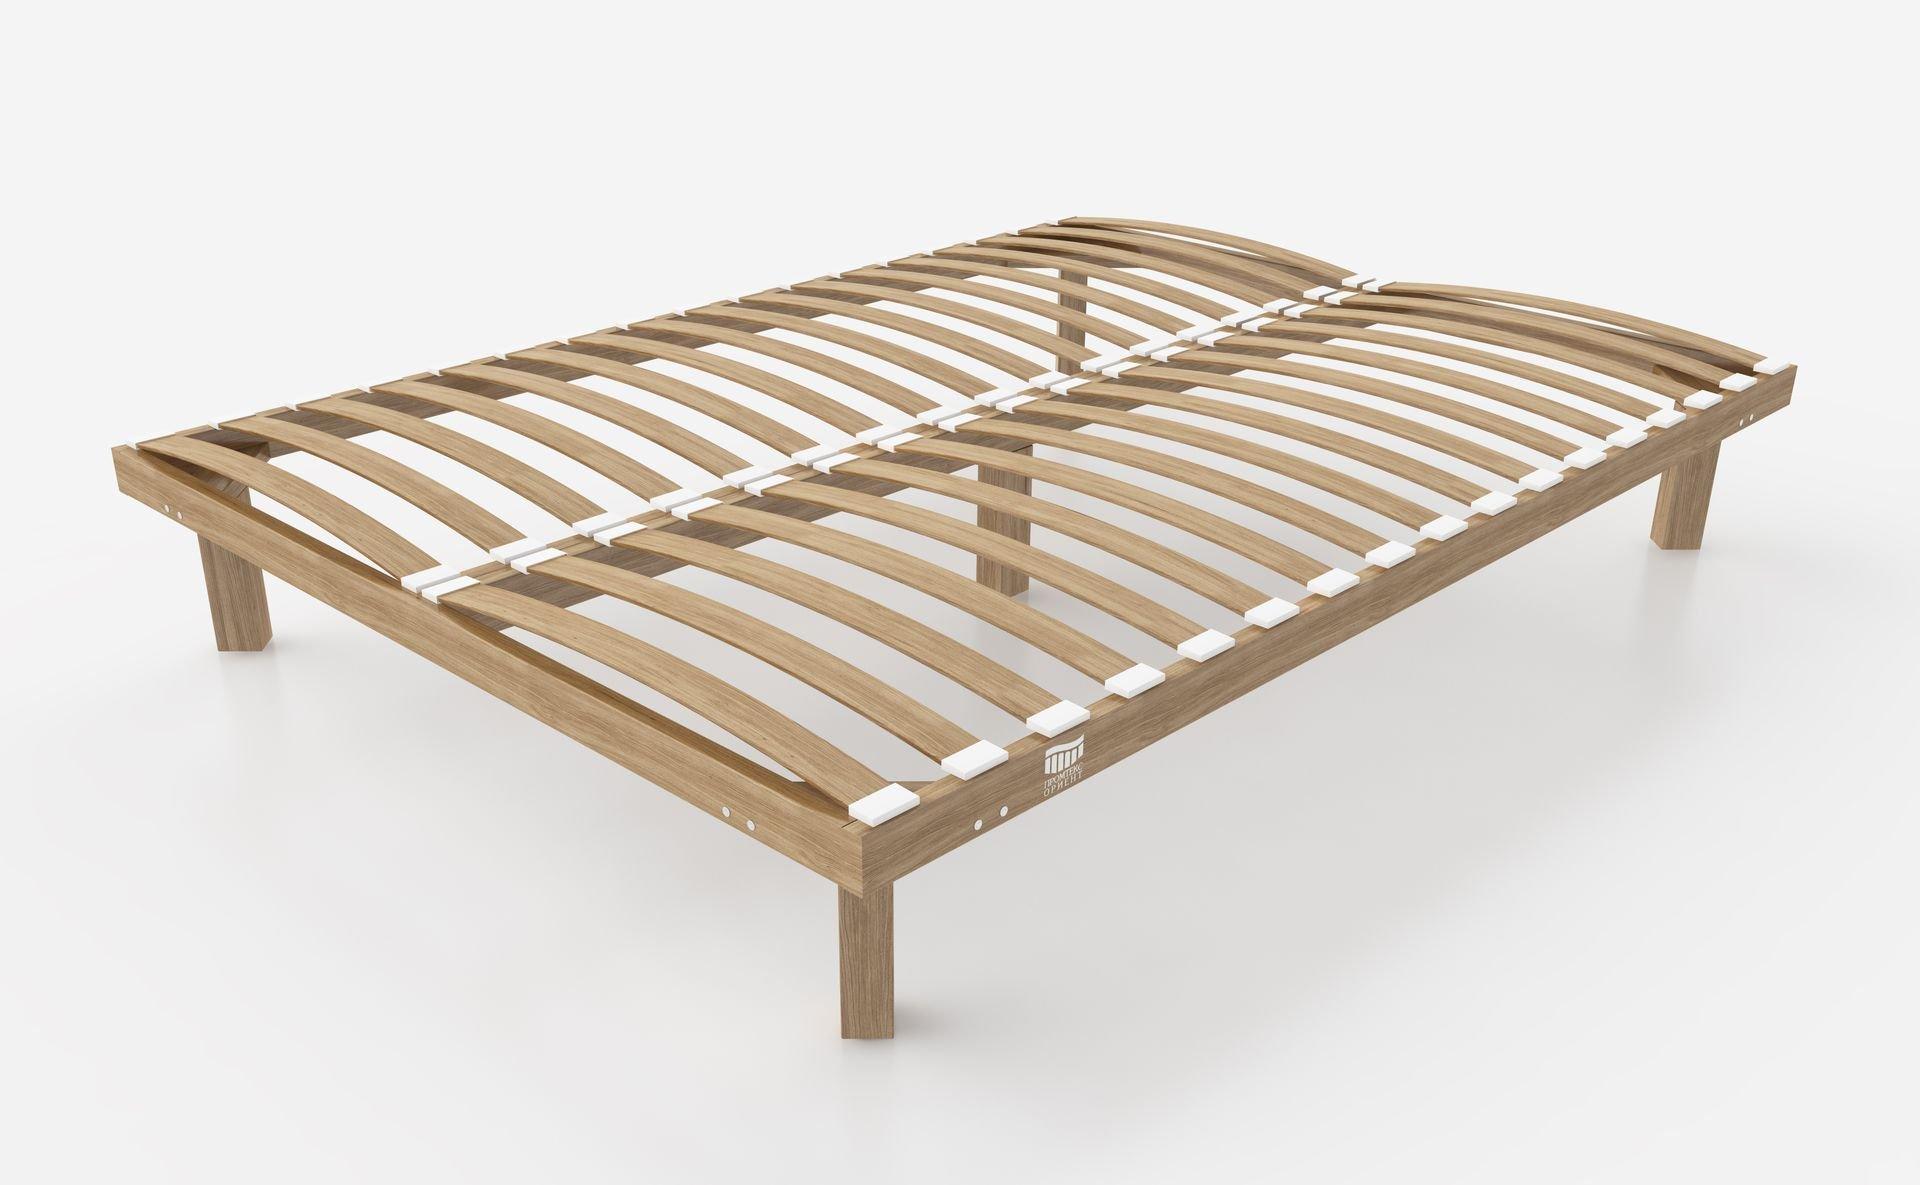 Реечное дно кровати 17 фото что такое и как выбрать модель с регулируемым основанием с пультом и с ножками